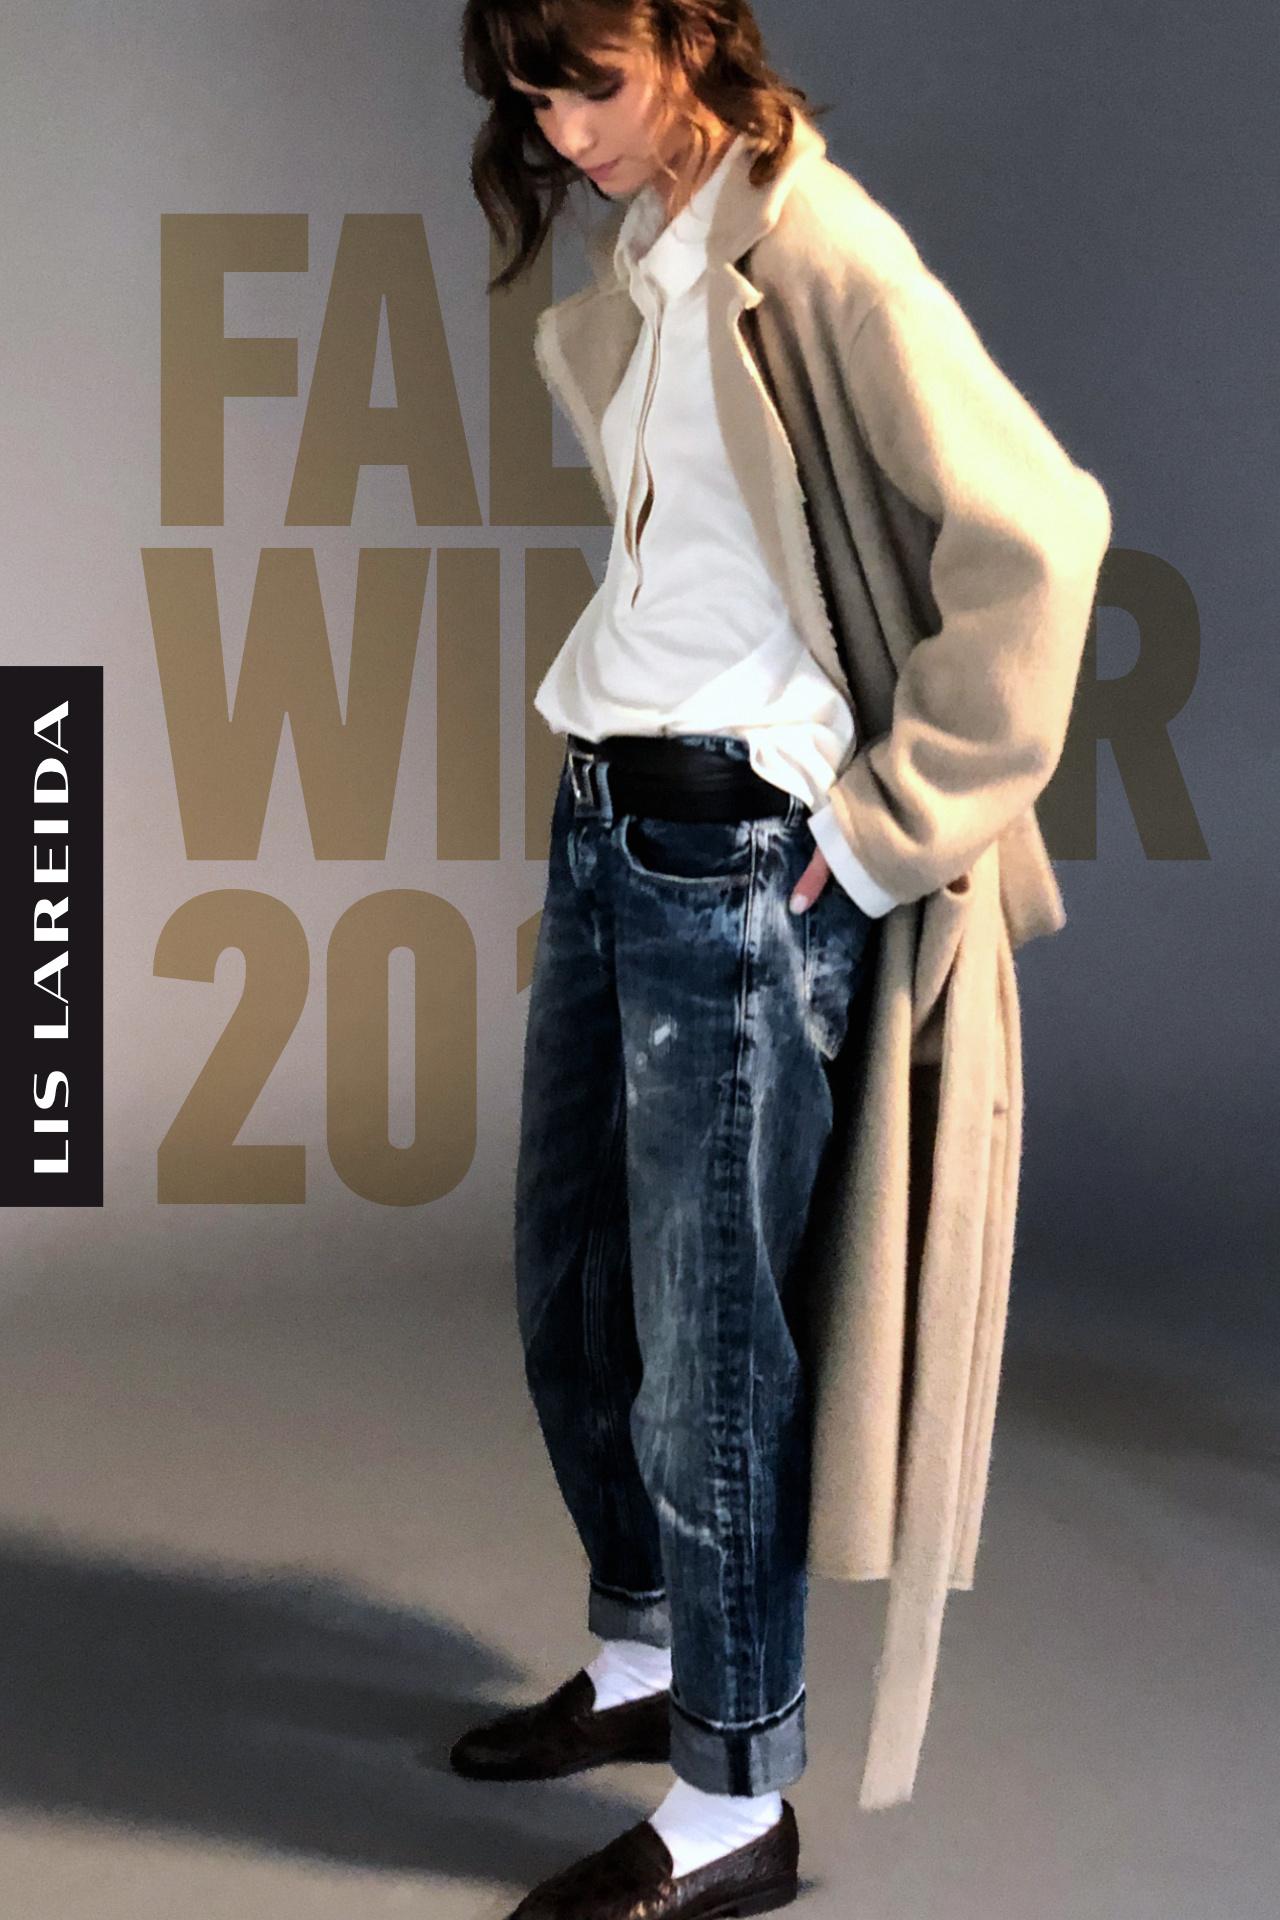 lis-lareida_fw19_campaign_cover